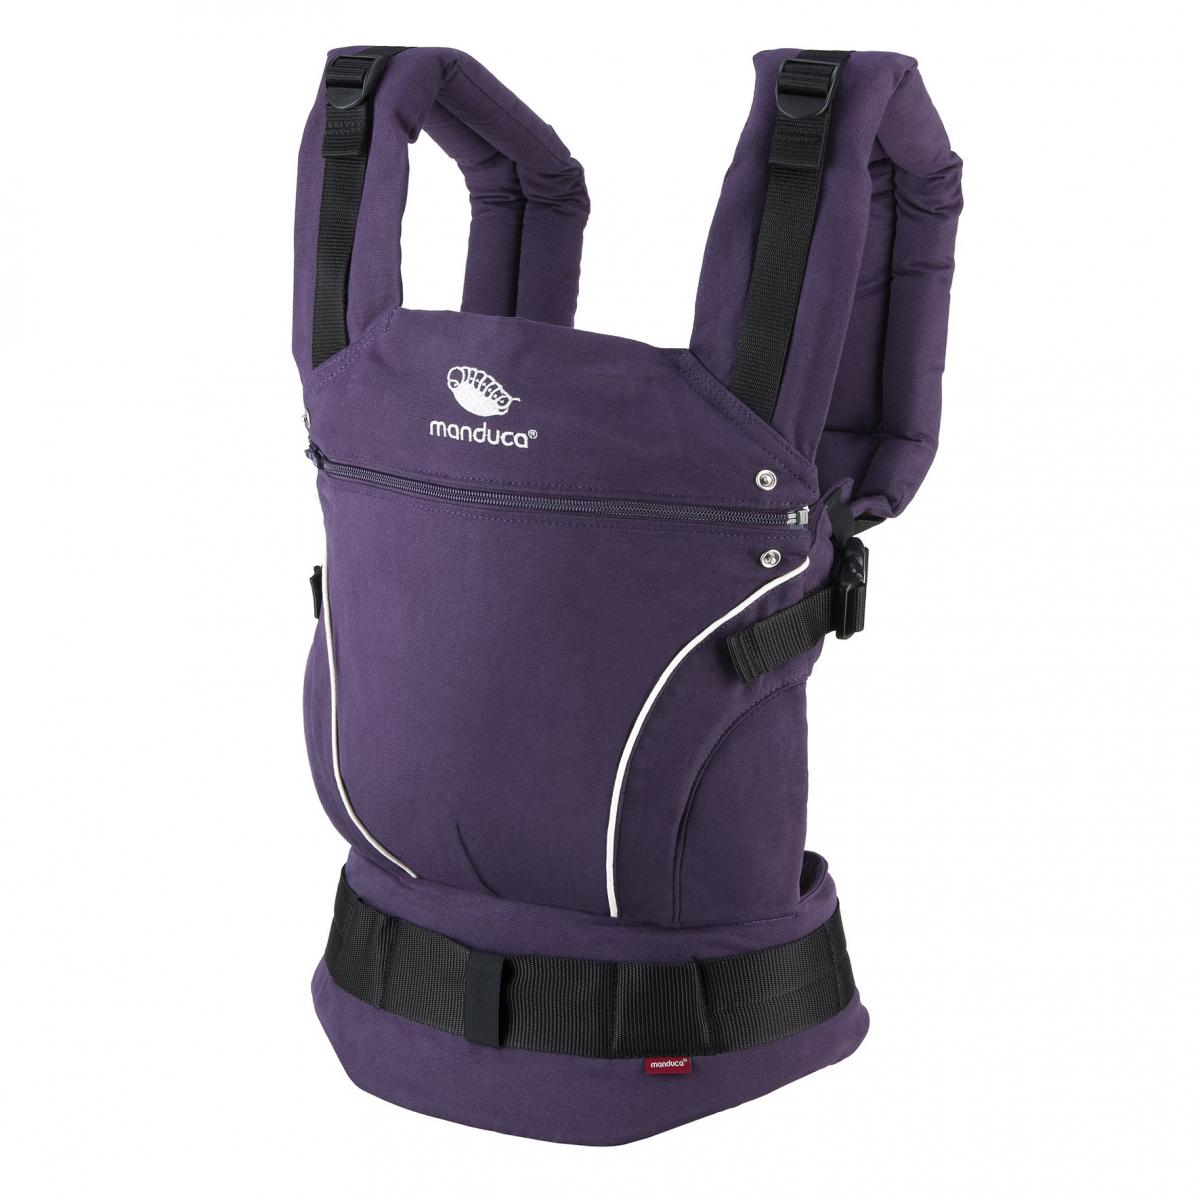 ec808a3cff23 Porte-bébé Baby carrier en coton BIO - Purple. Porte-bébé Baby carrier en  coton BIO - Purple